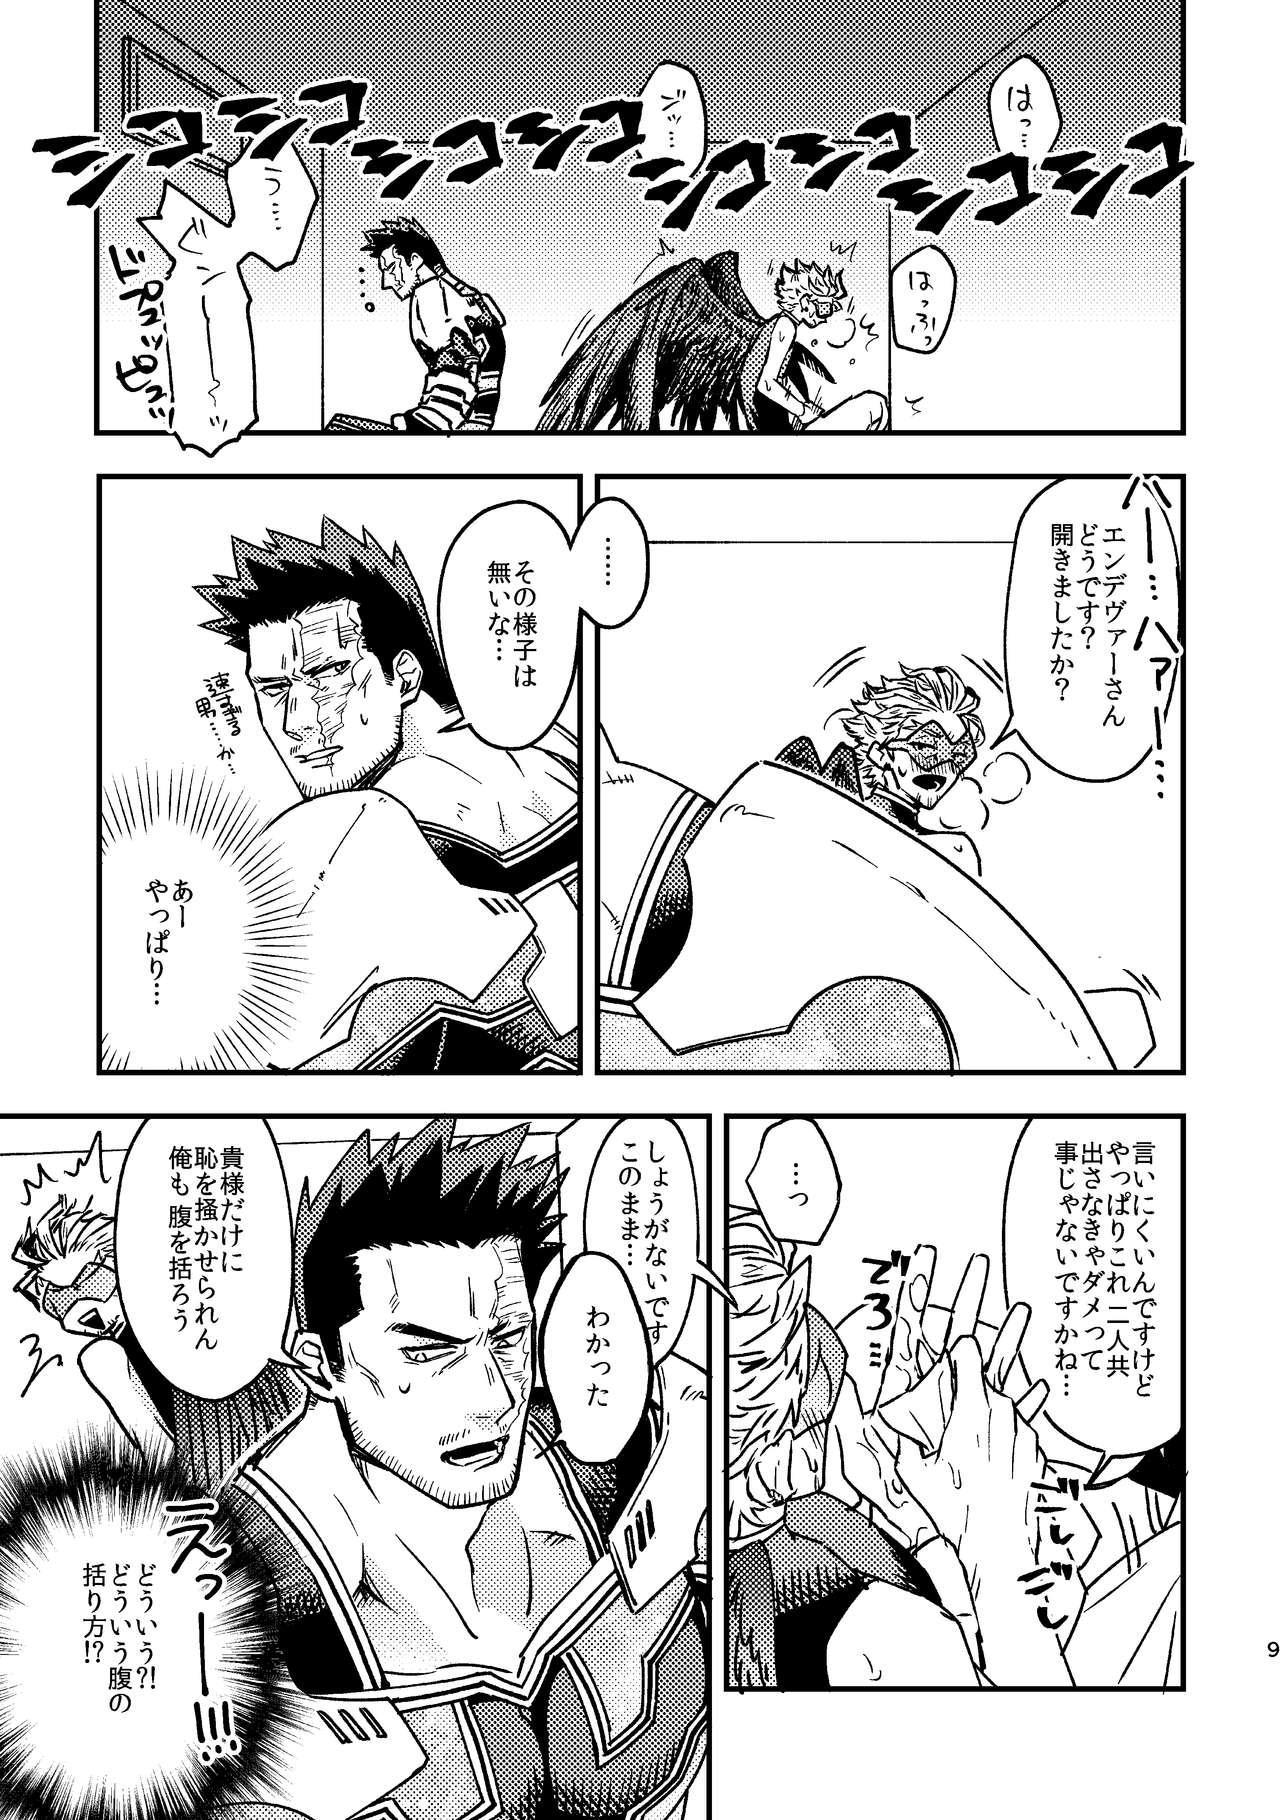 WEB Sairoku Zumi HawEn Manga ga Kami demo Yomeru Hon. 8